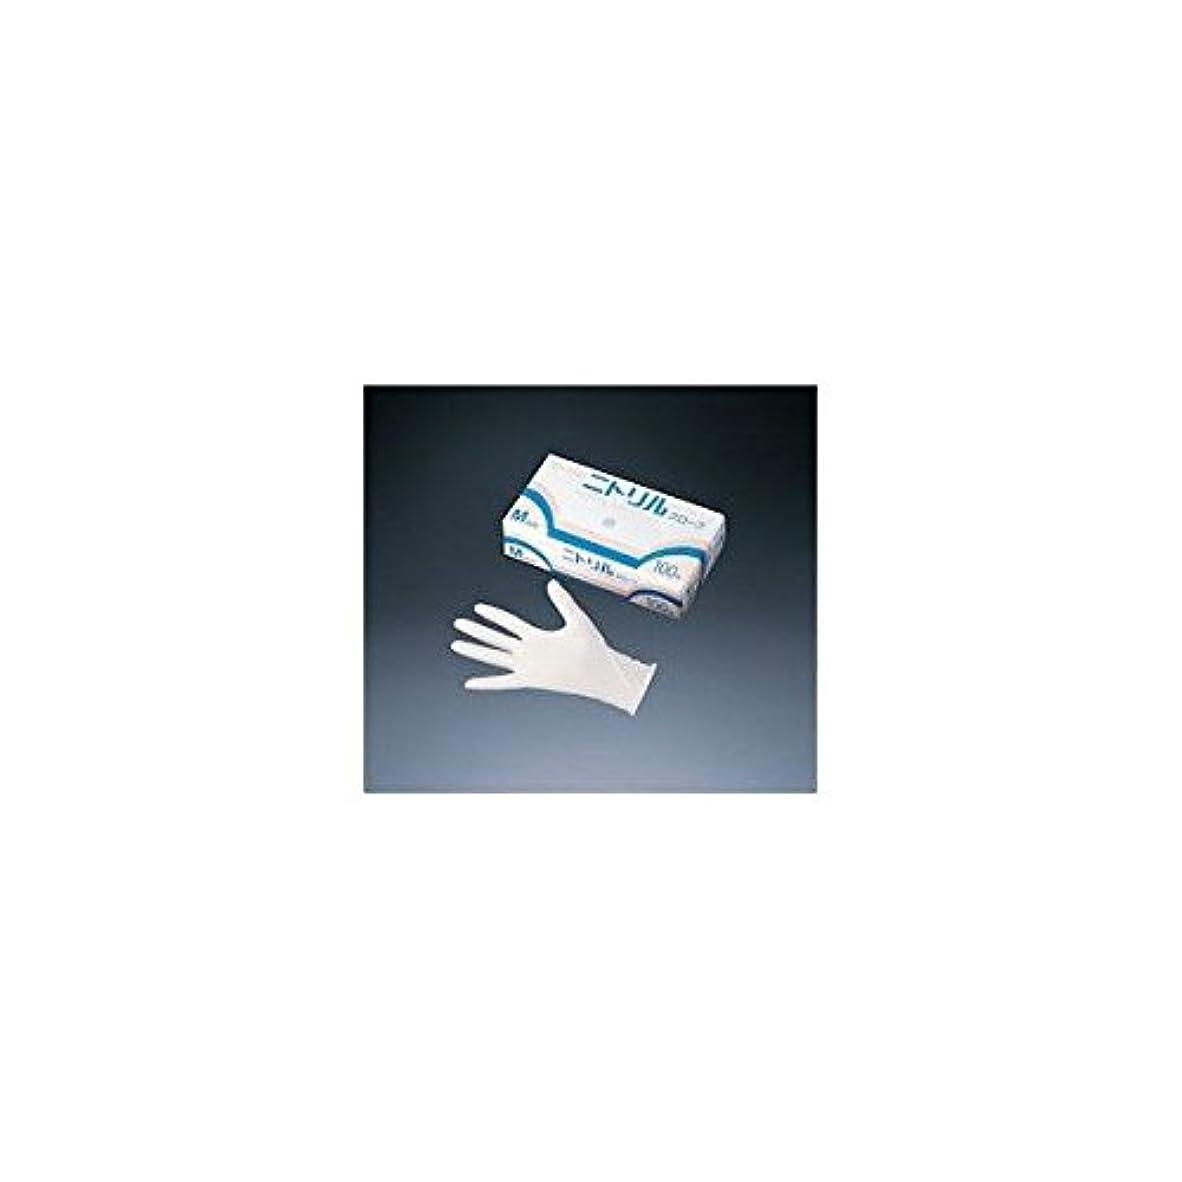 装置くるみ意志に反する旭創業 ニトリルグローブ ホワイト (100枚セット) S